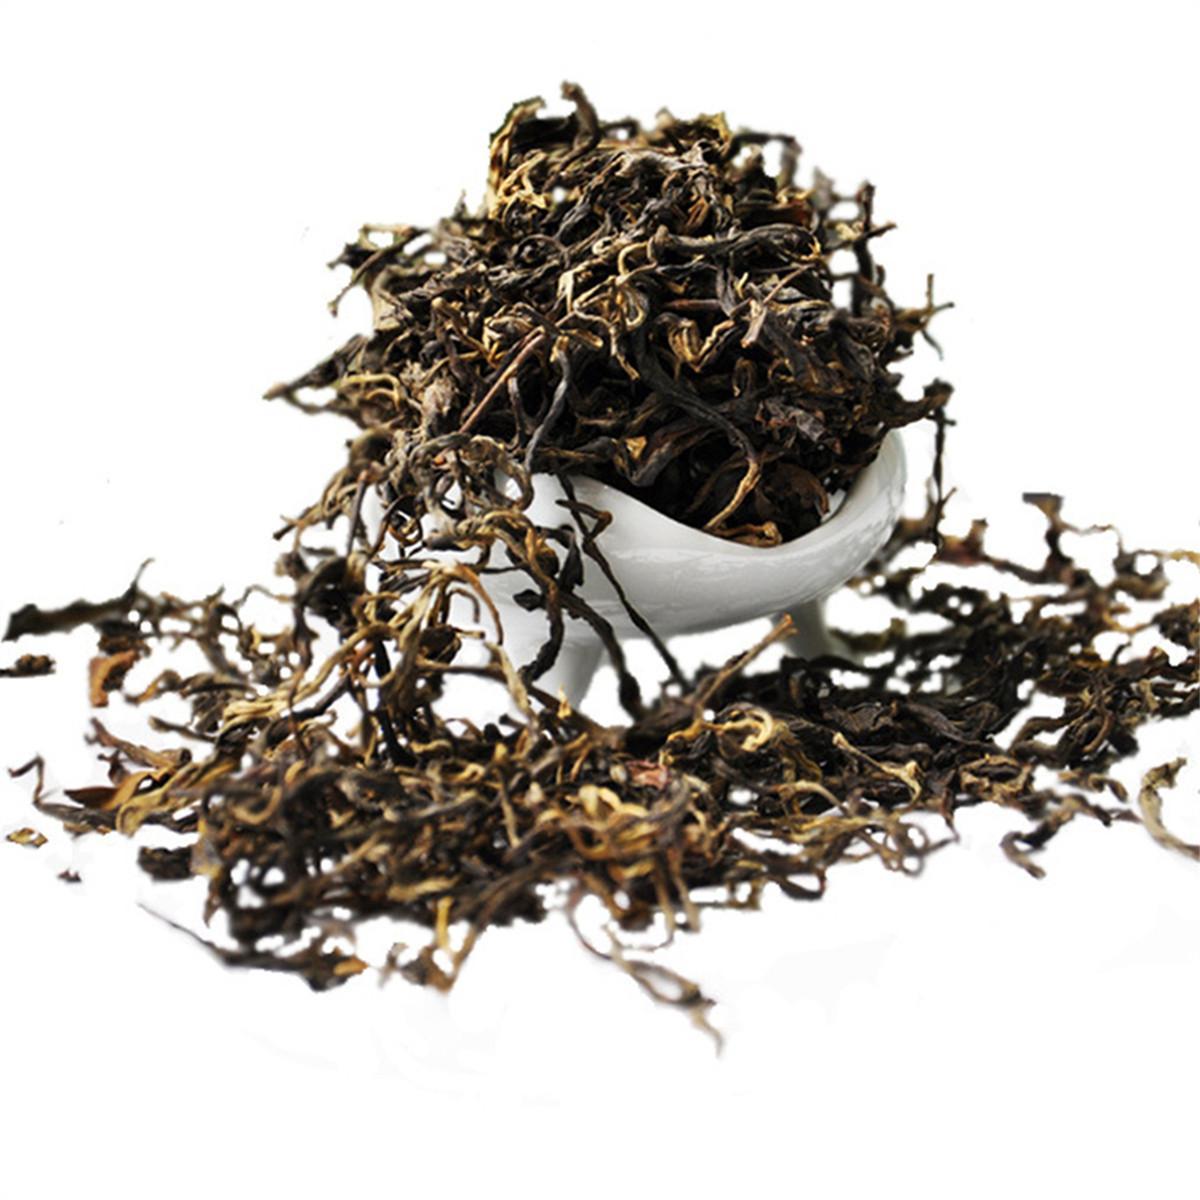 Tercih Çin Organik Siyah Çay Yunnan Toplu Dianhong Kırmızı Çay Sağlık Yeni Pişmiş çay Yeşil Gıda Fabrikası Direkt Satış